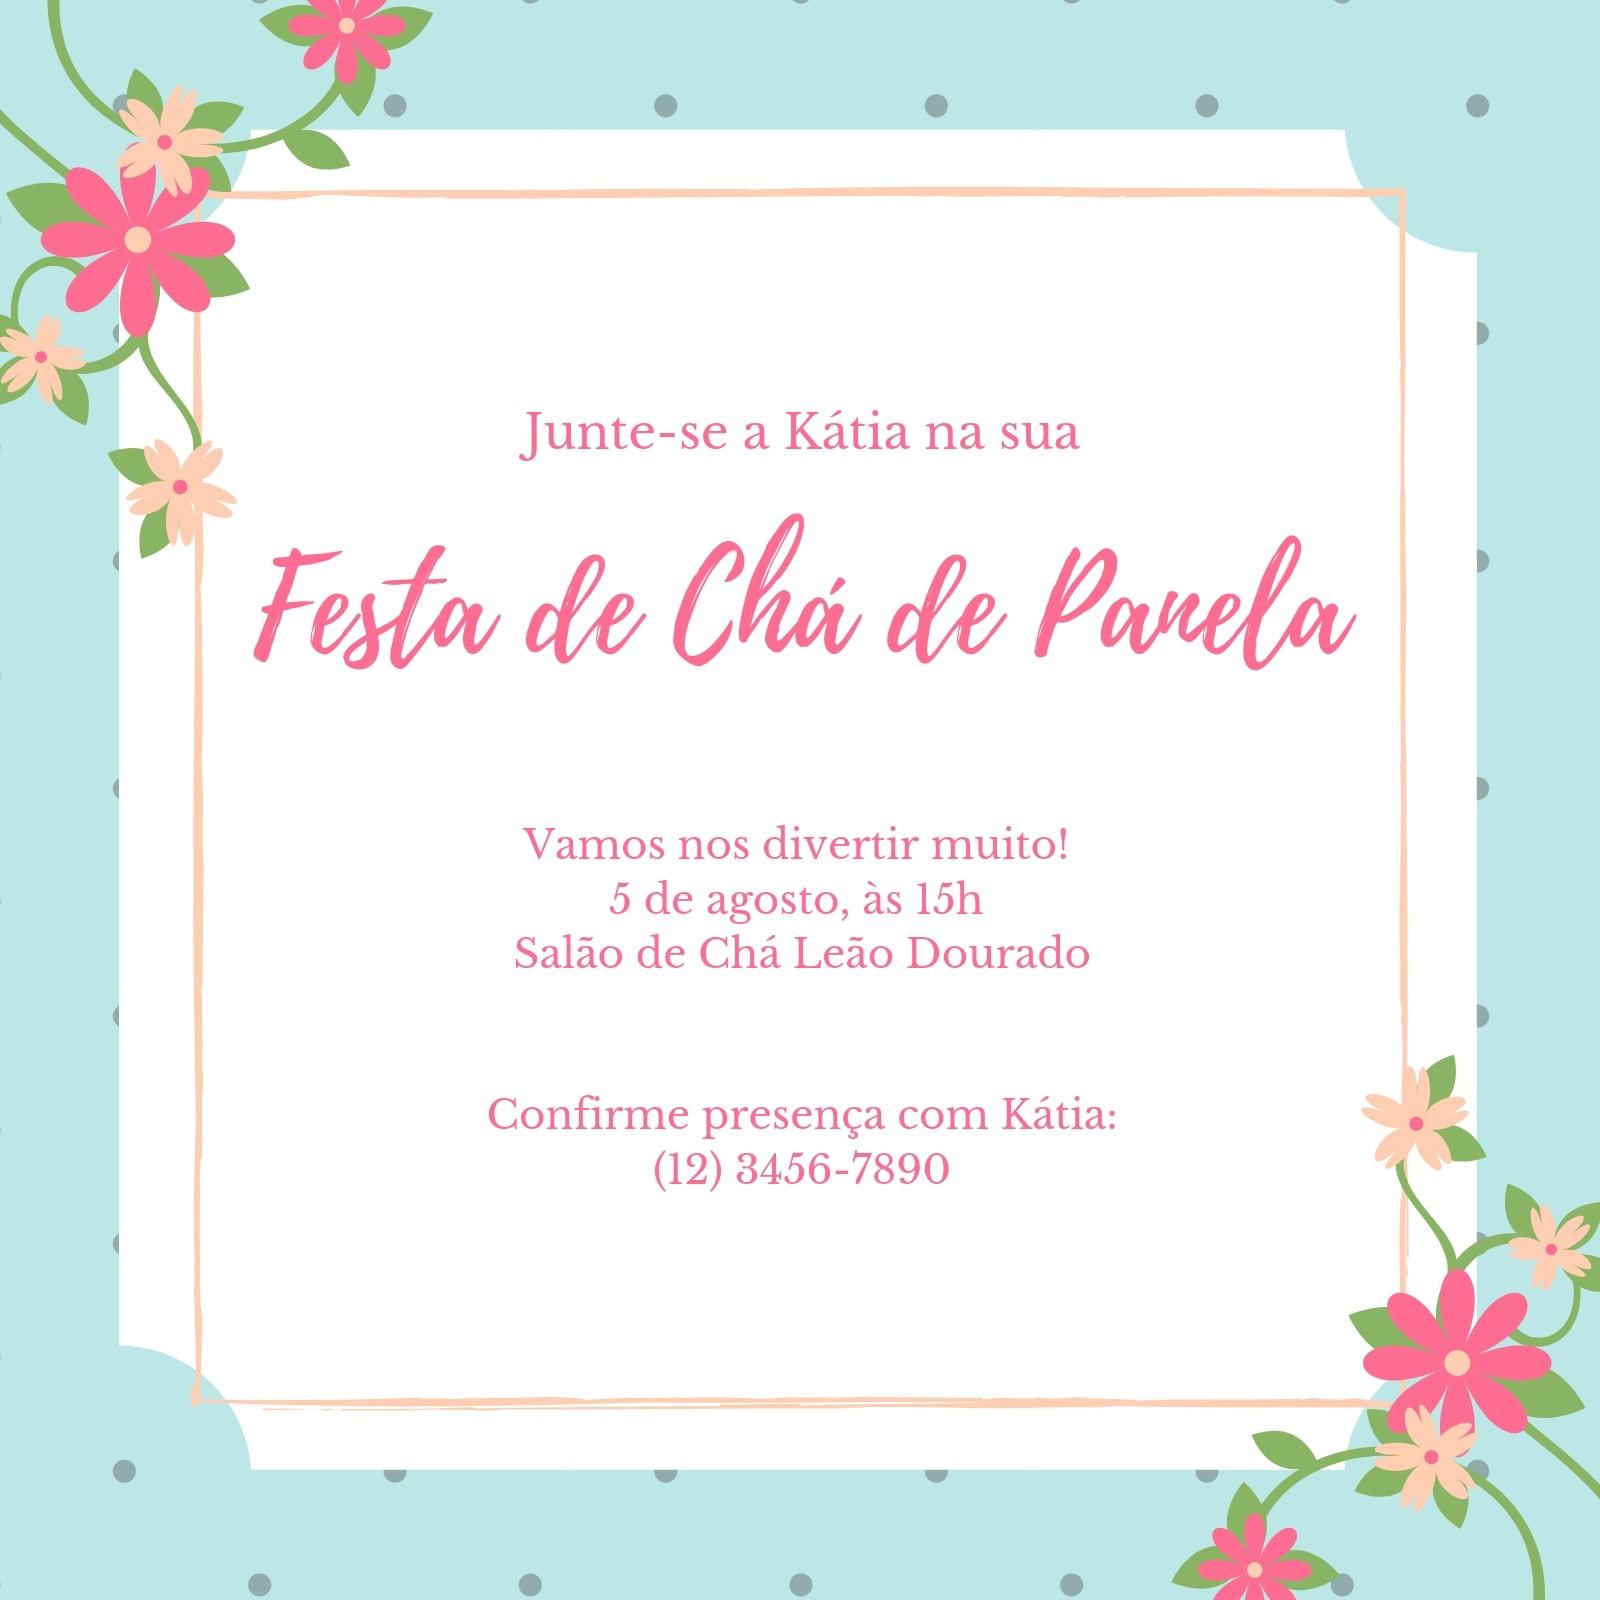 Rosa Azul Branco Floral Festa de Chá de Panela Convite